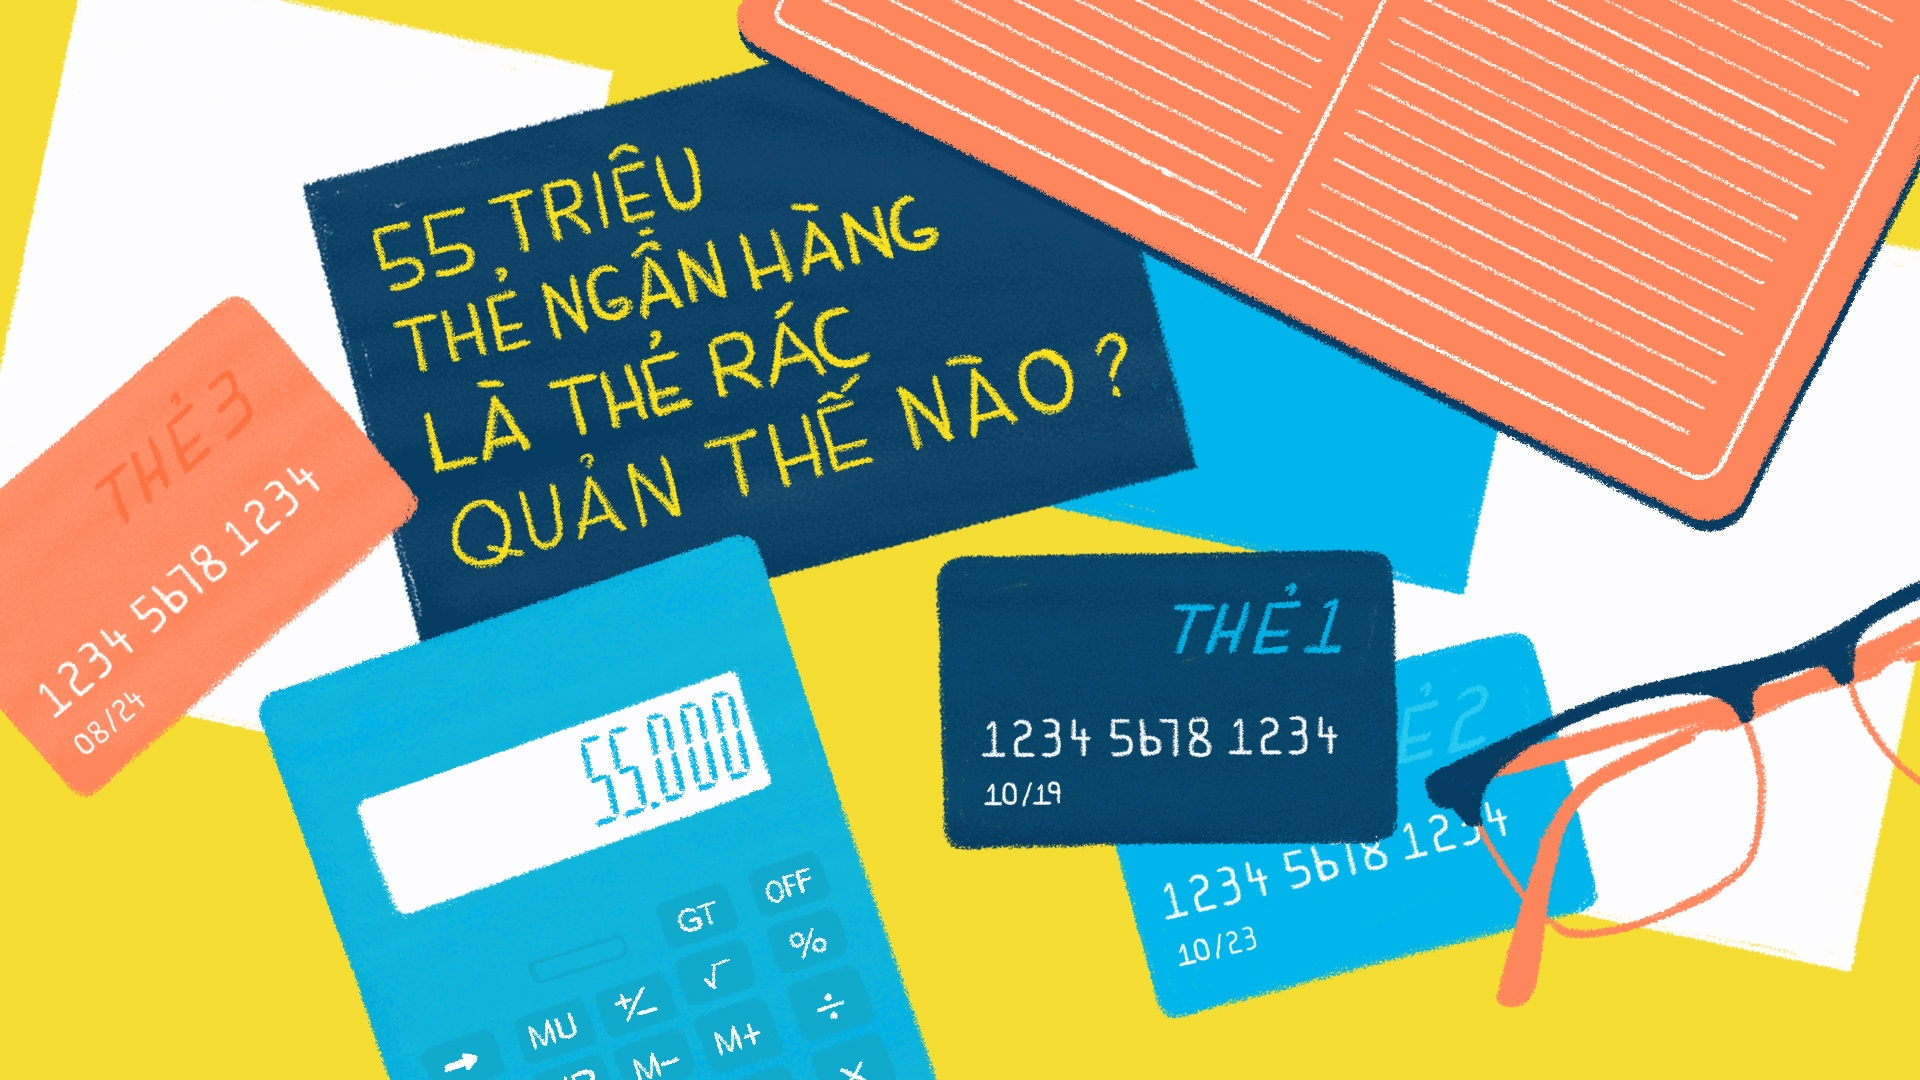 55 trieu 'the rac' ngan hang, quan the nao? hinh anh 2